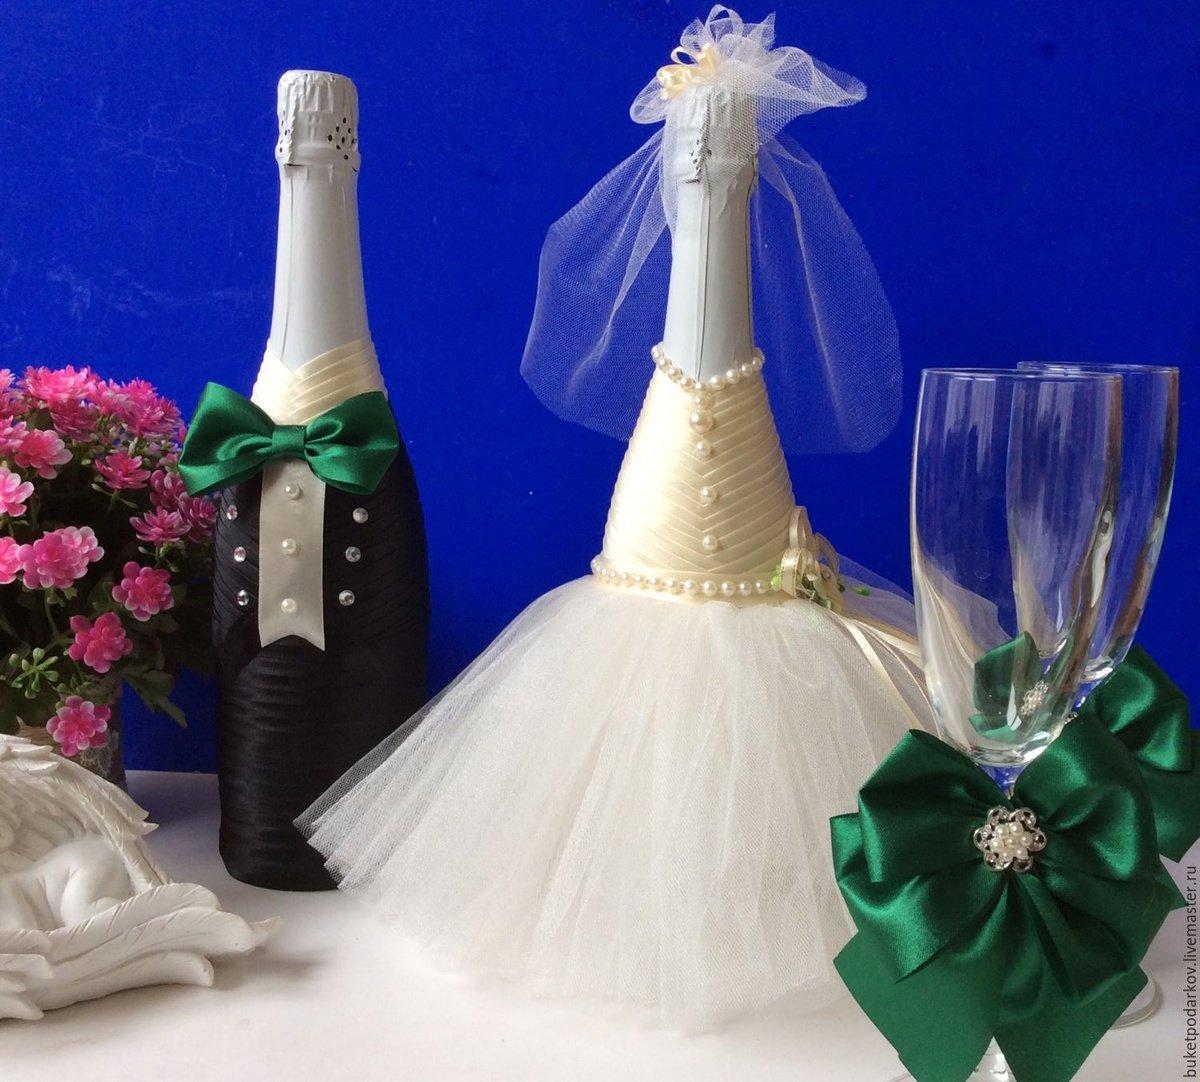 картинки украсить бутылку шампанского на свадьбу позволяют через